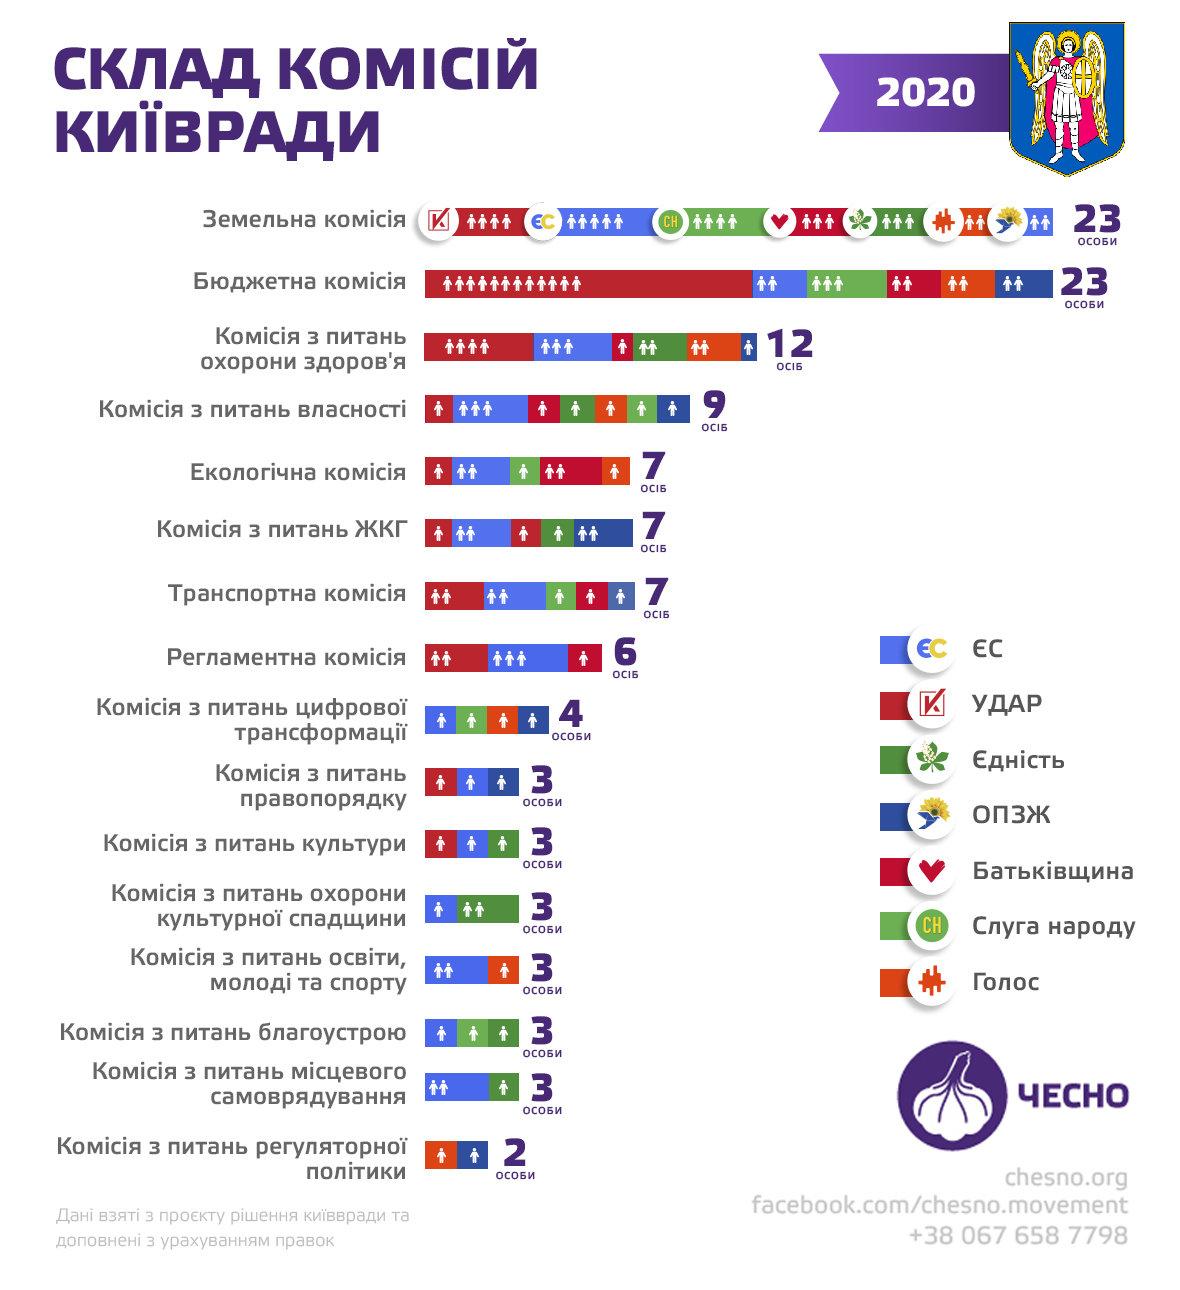 Состав комиссий Киевсовета